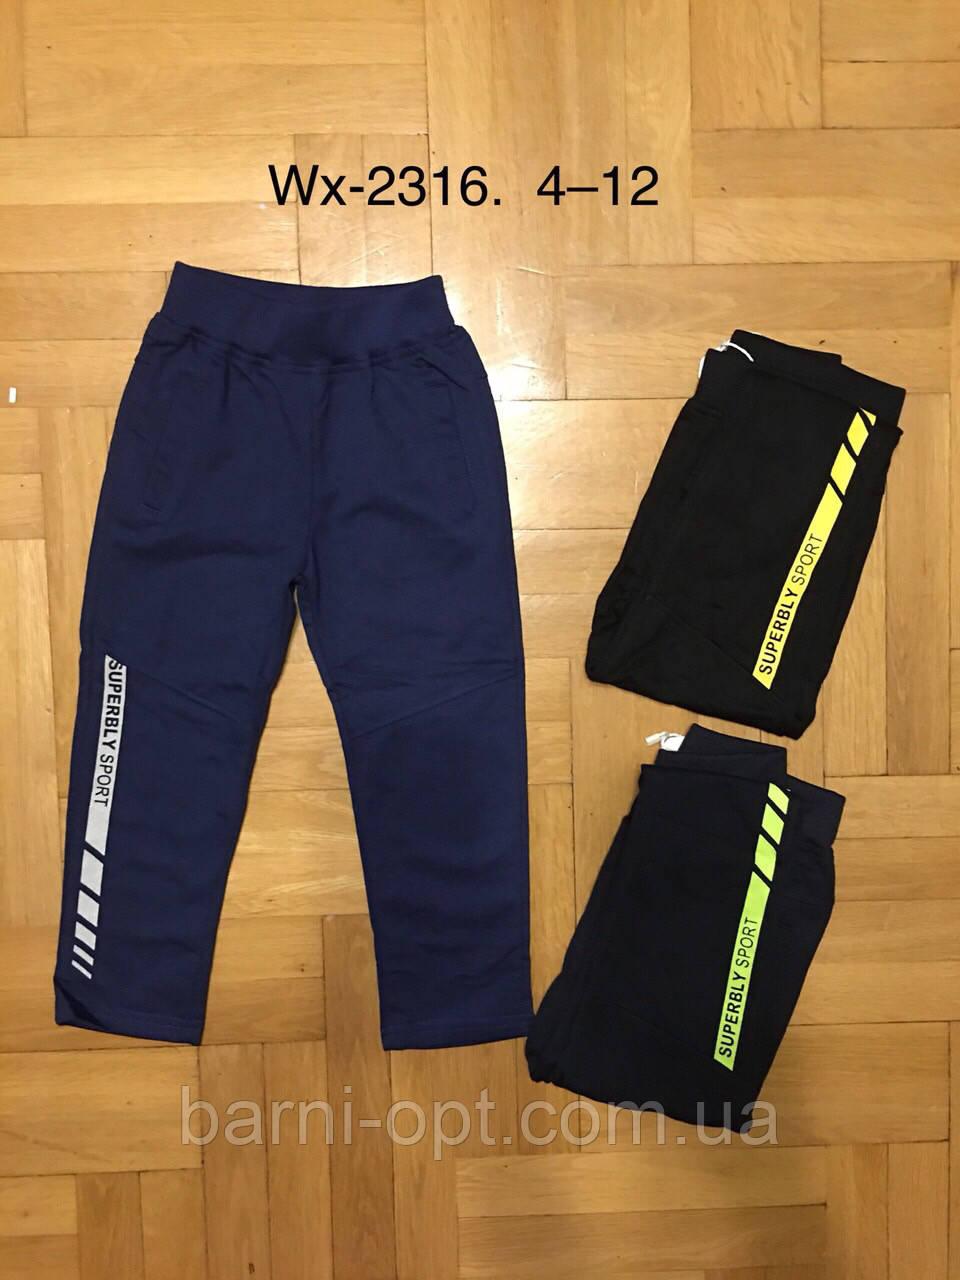 Спортивные штаны на мальчика оптом, F&D, 4-12 рр.